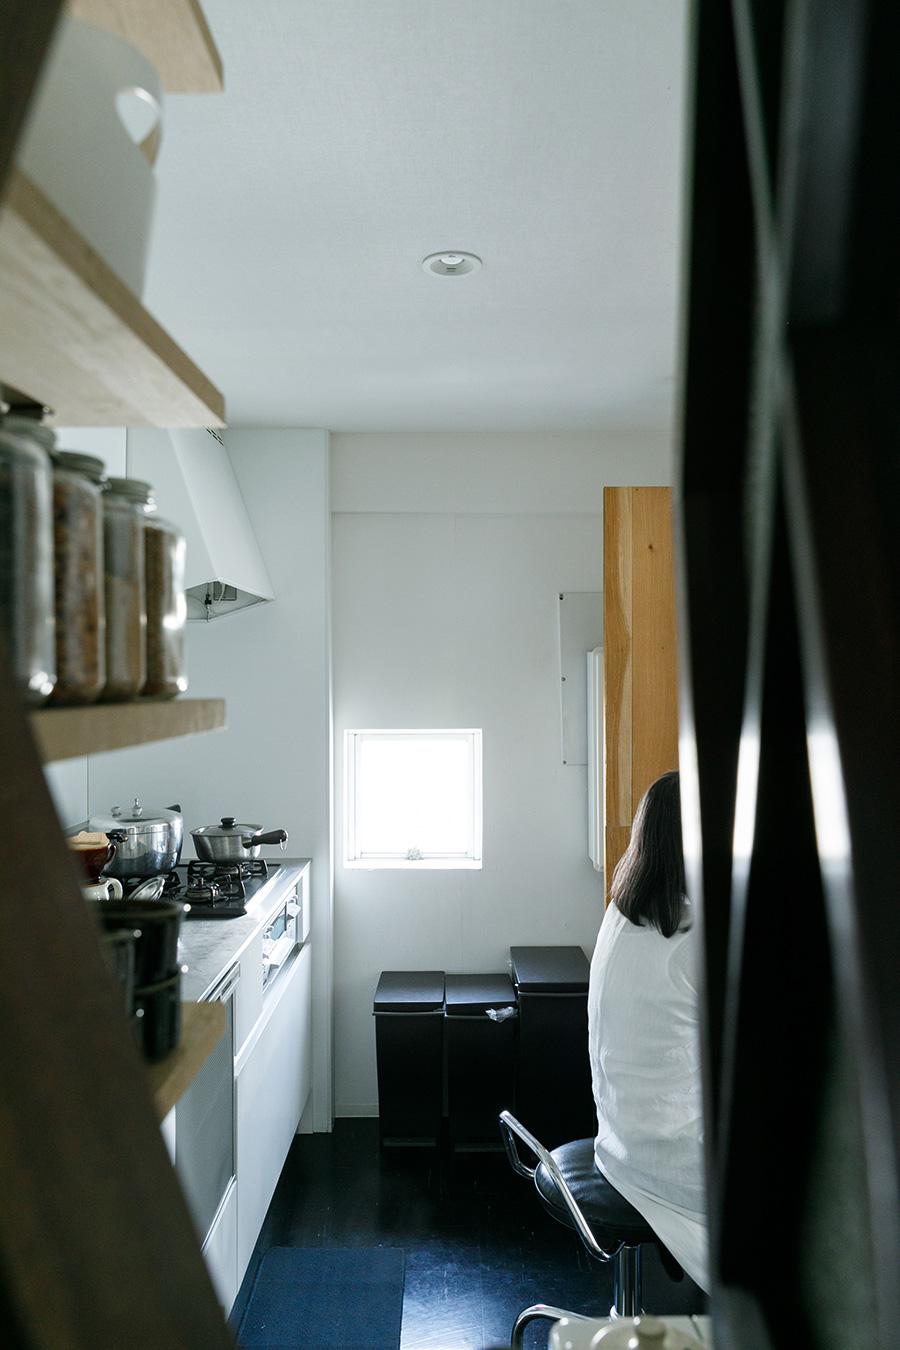 廊下側の六角窓を開けてキッチンを見る。角部屋のため、キッチンの壁面にも窓がある。3方向に開口部があるため、風が通る。